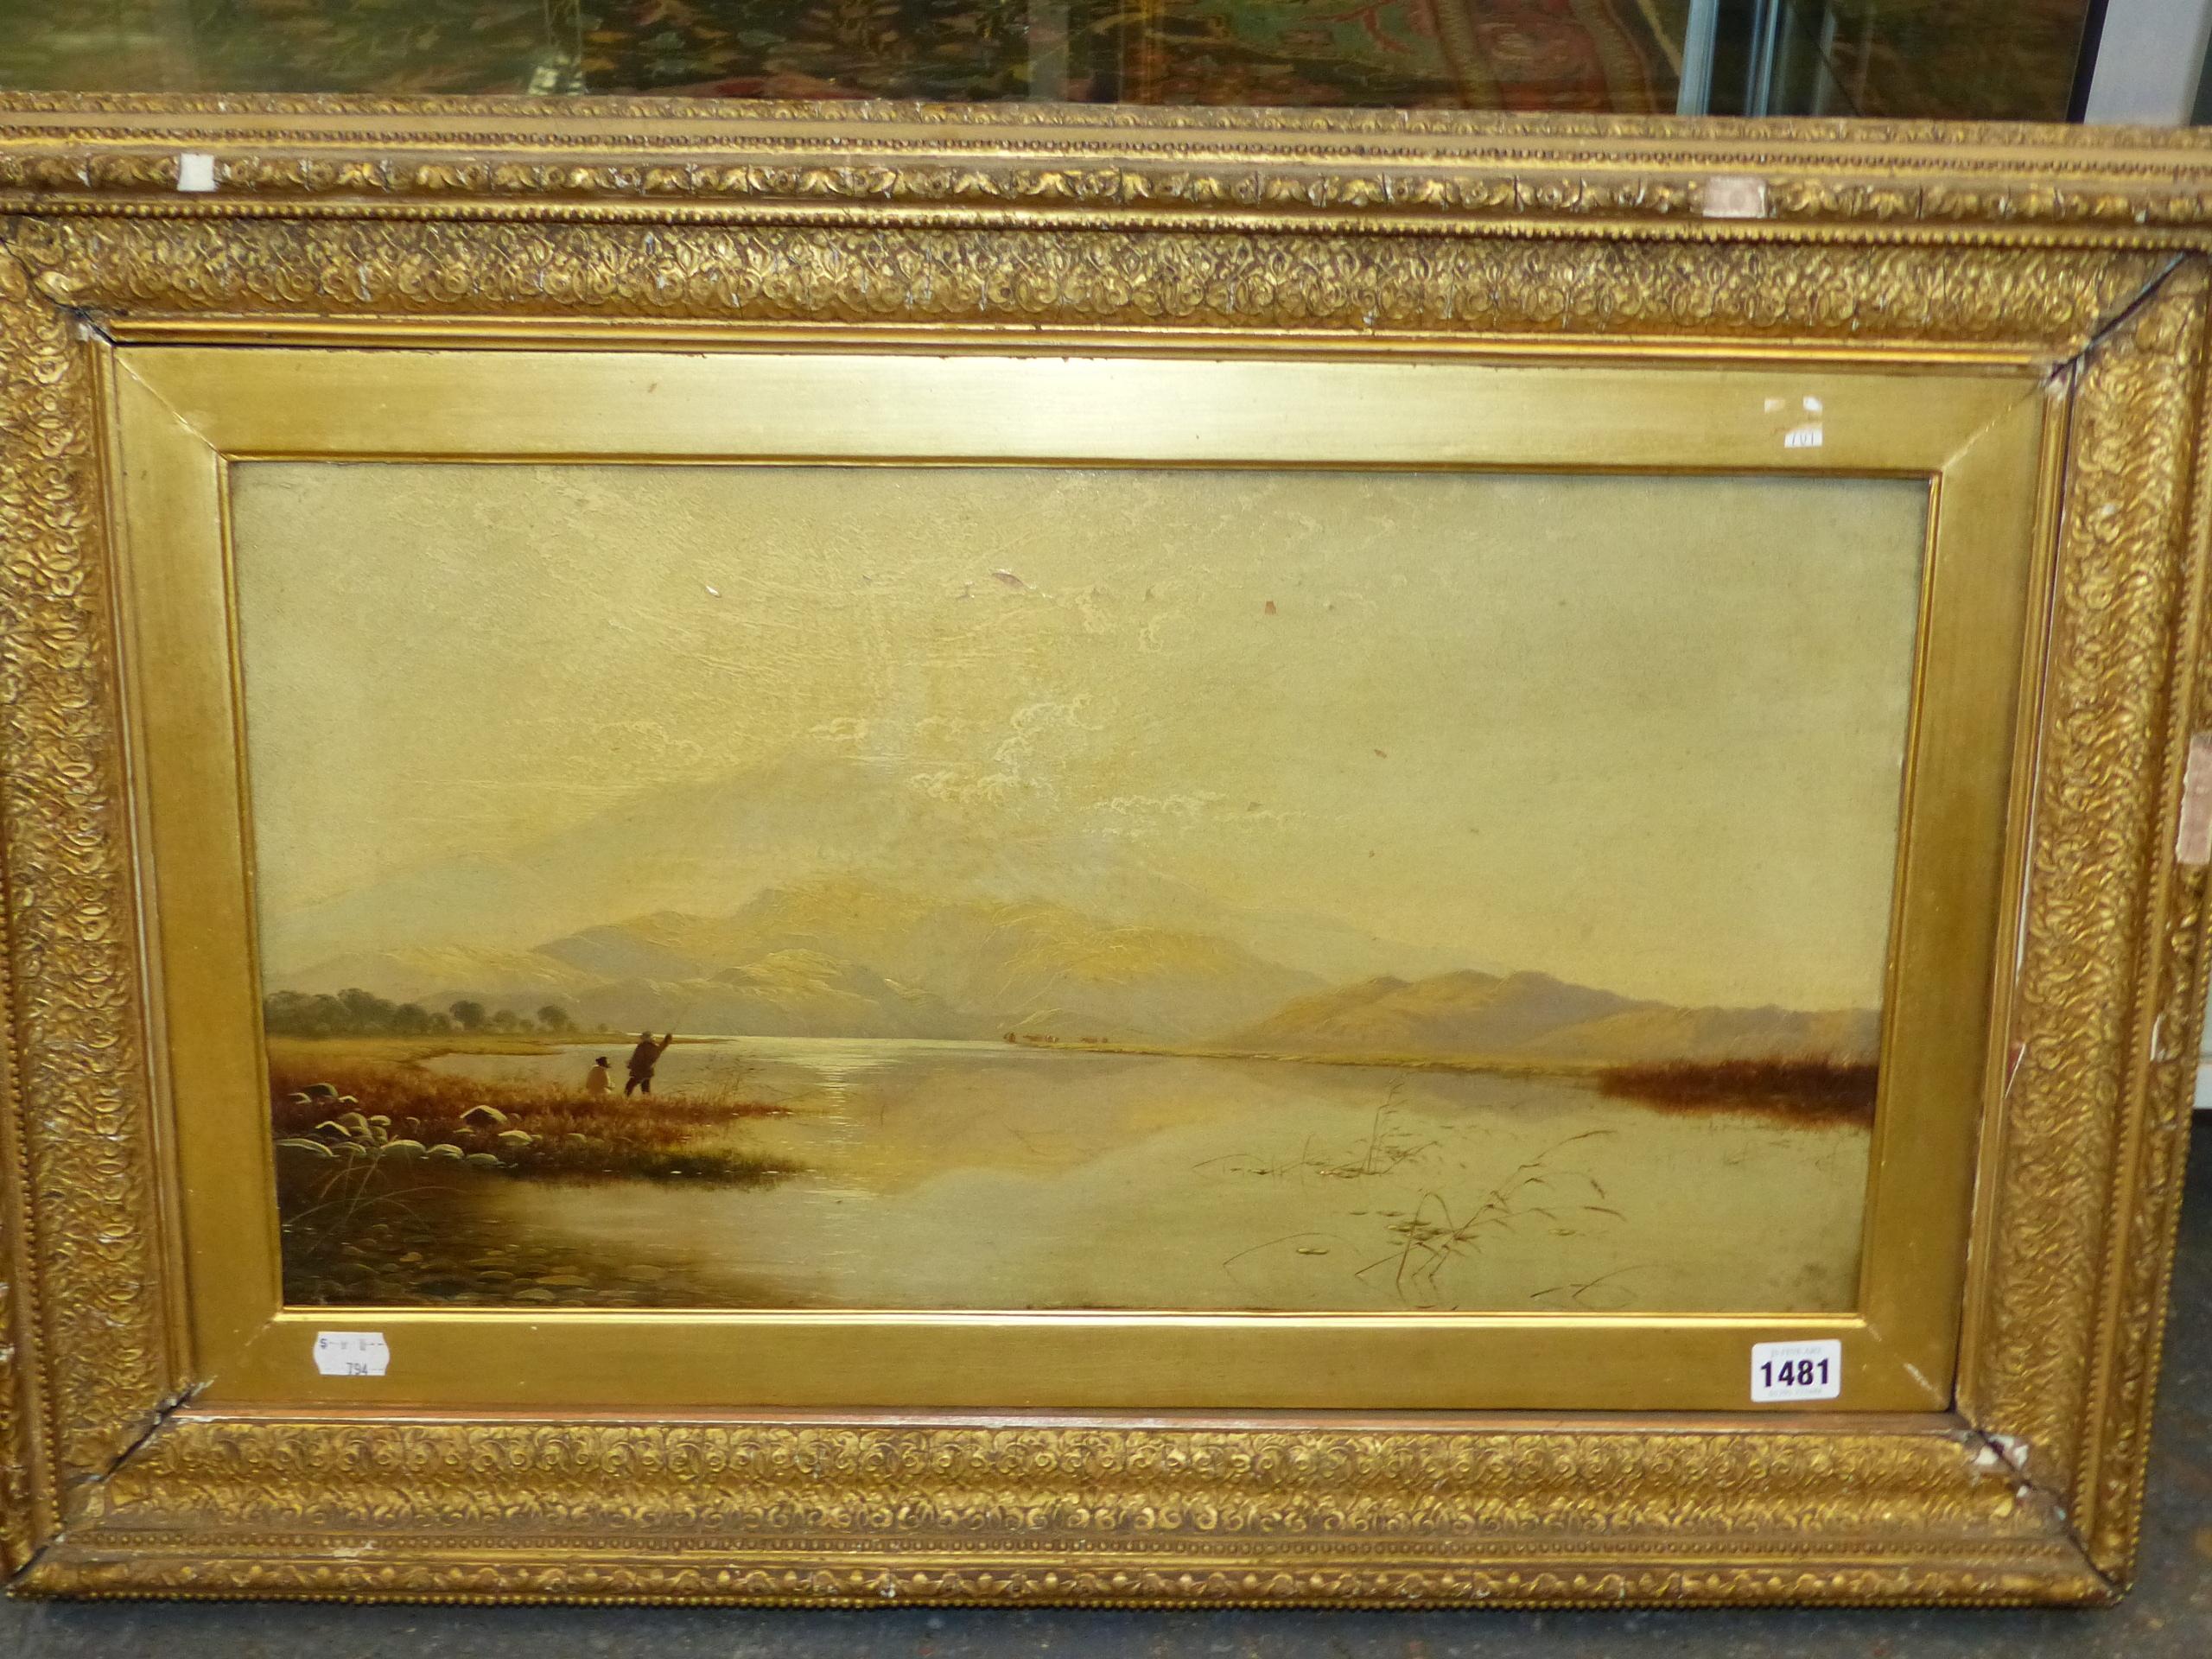 EDWIN BODDINGTON (1836 - 1905) A WELSH LANDSCAPE, OIL ON CANVAS, LABEL VERSO 30 x 56 cm - Image 3 of 9